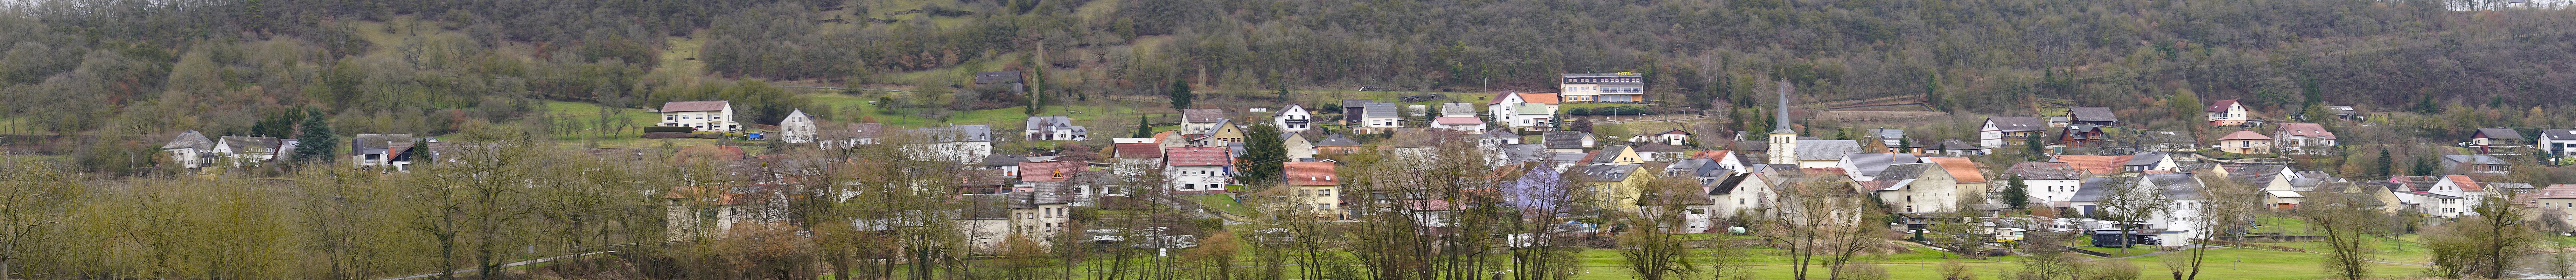 Panoramabild von der Luxemburger Seite Richtung Reisdorf. Foto W.Valentin ( März 2018 )